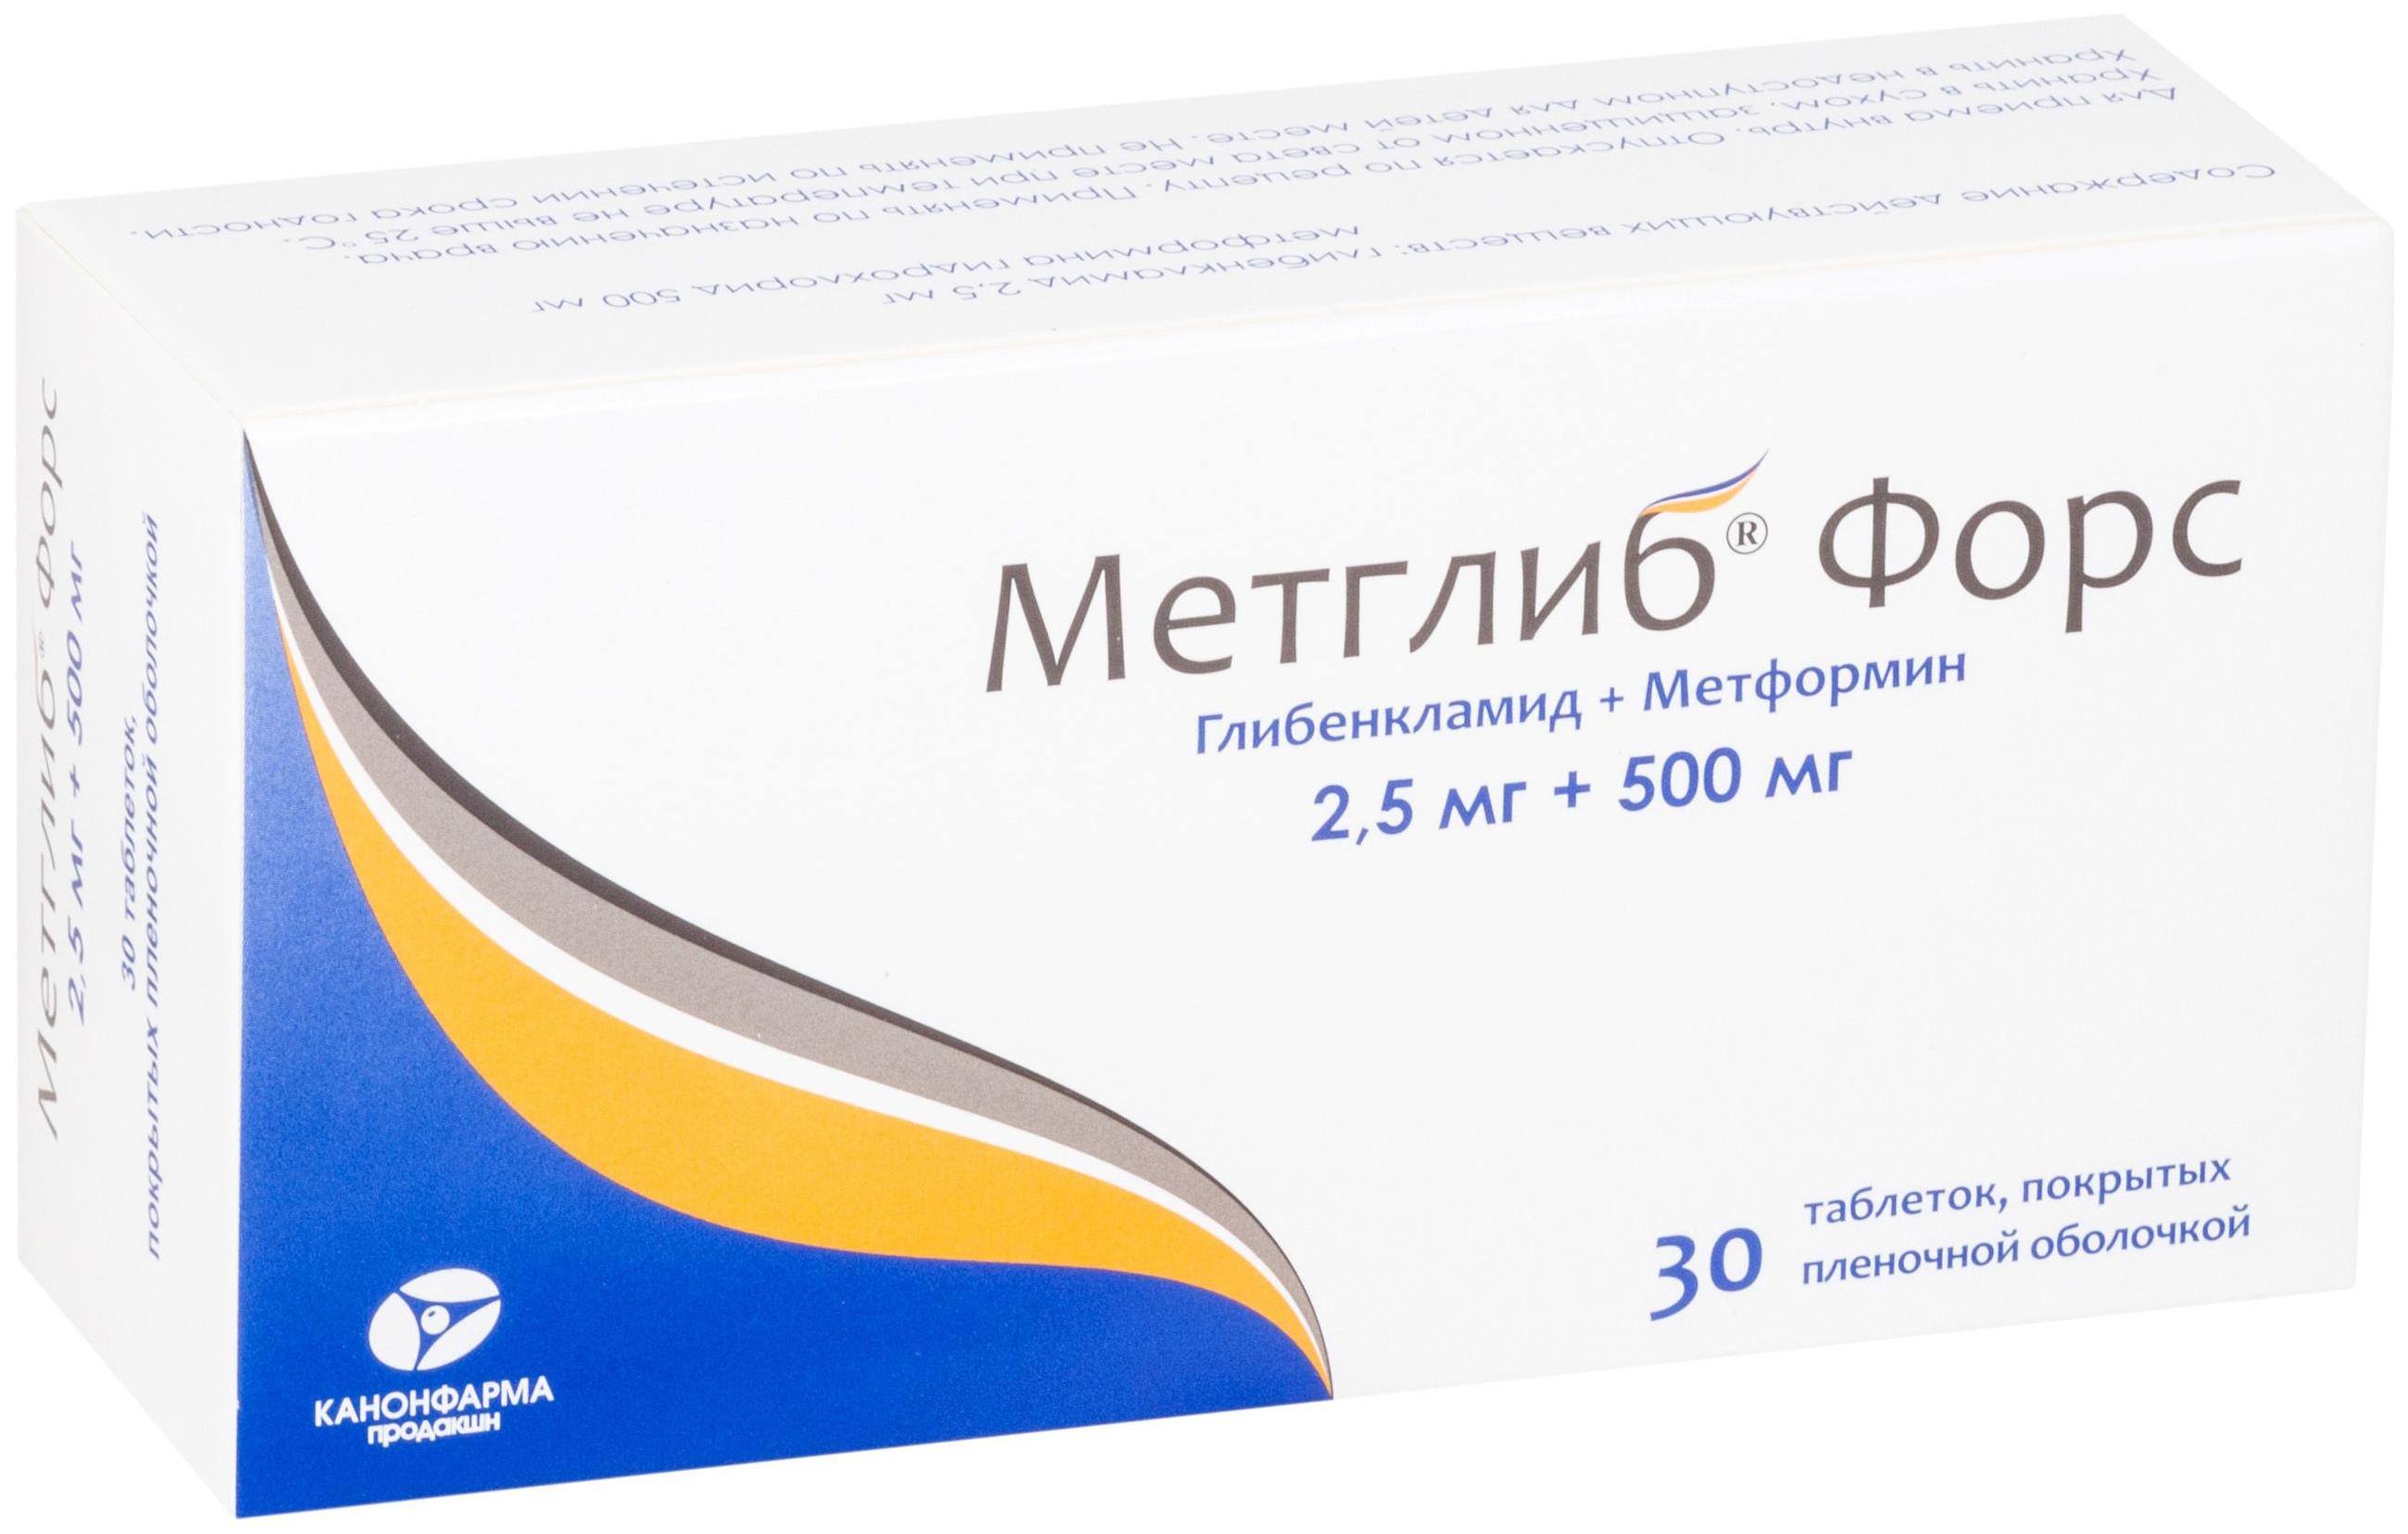 МЕТГЛИБ ФОРС таблетки 30 шт.